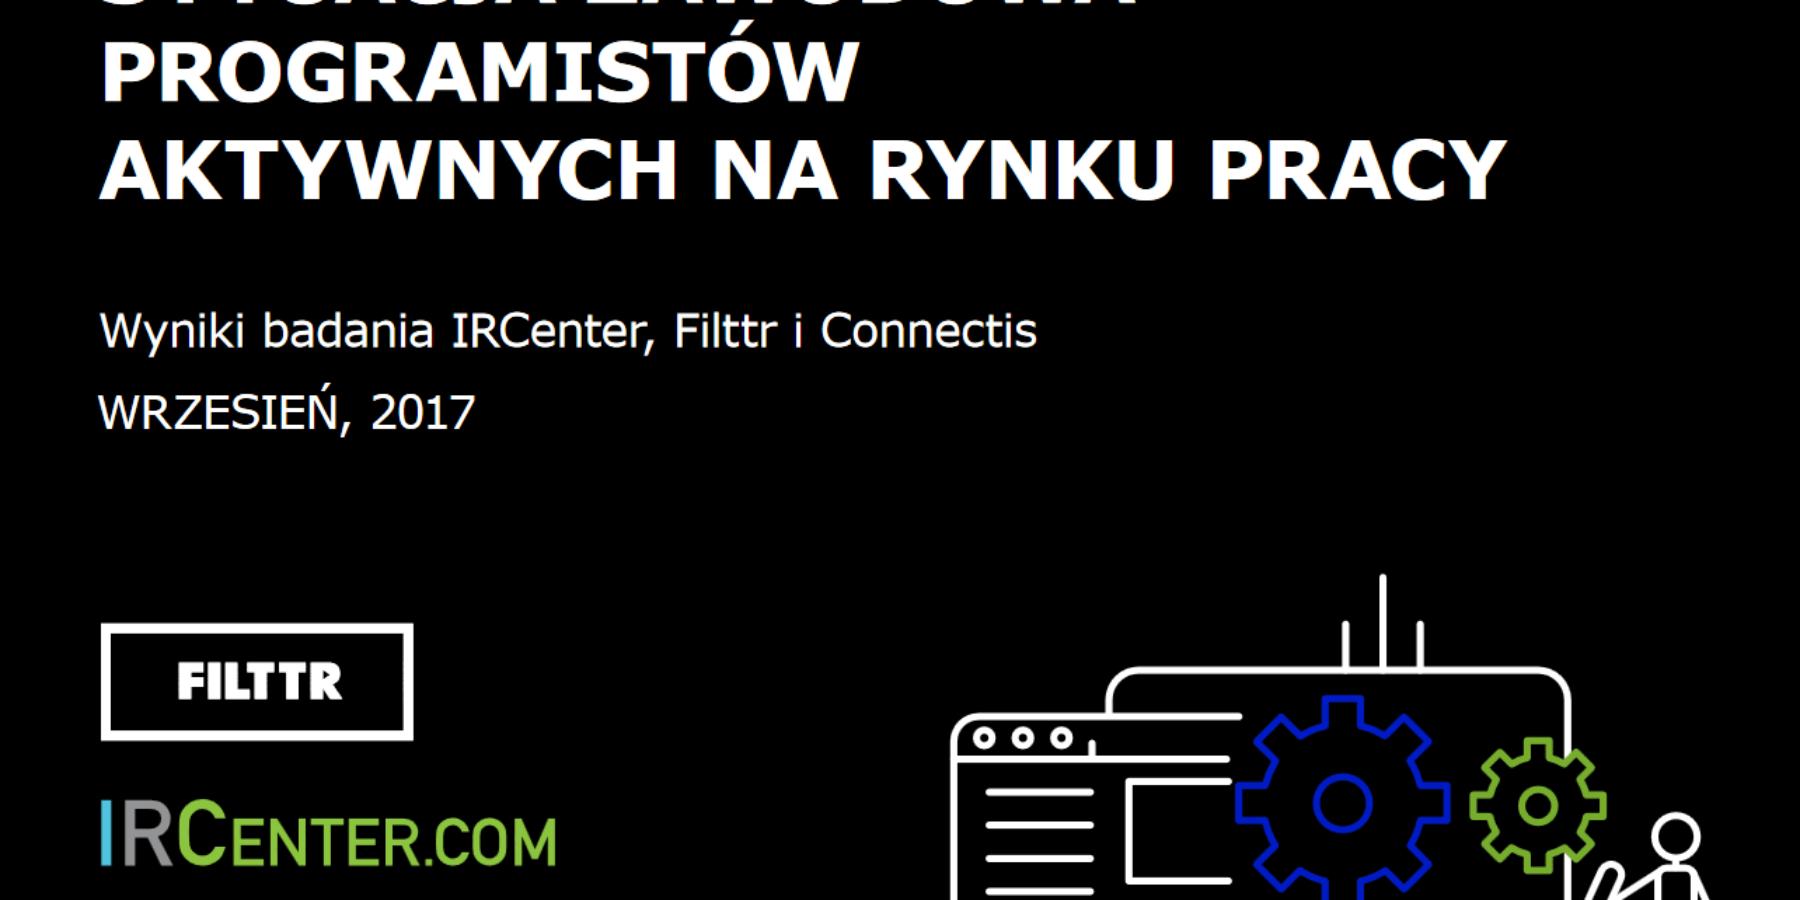 Polscy programiści aktywni narynku pracy – Podsumowanie raportu